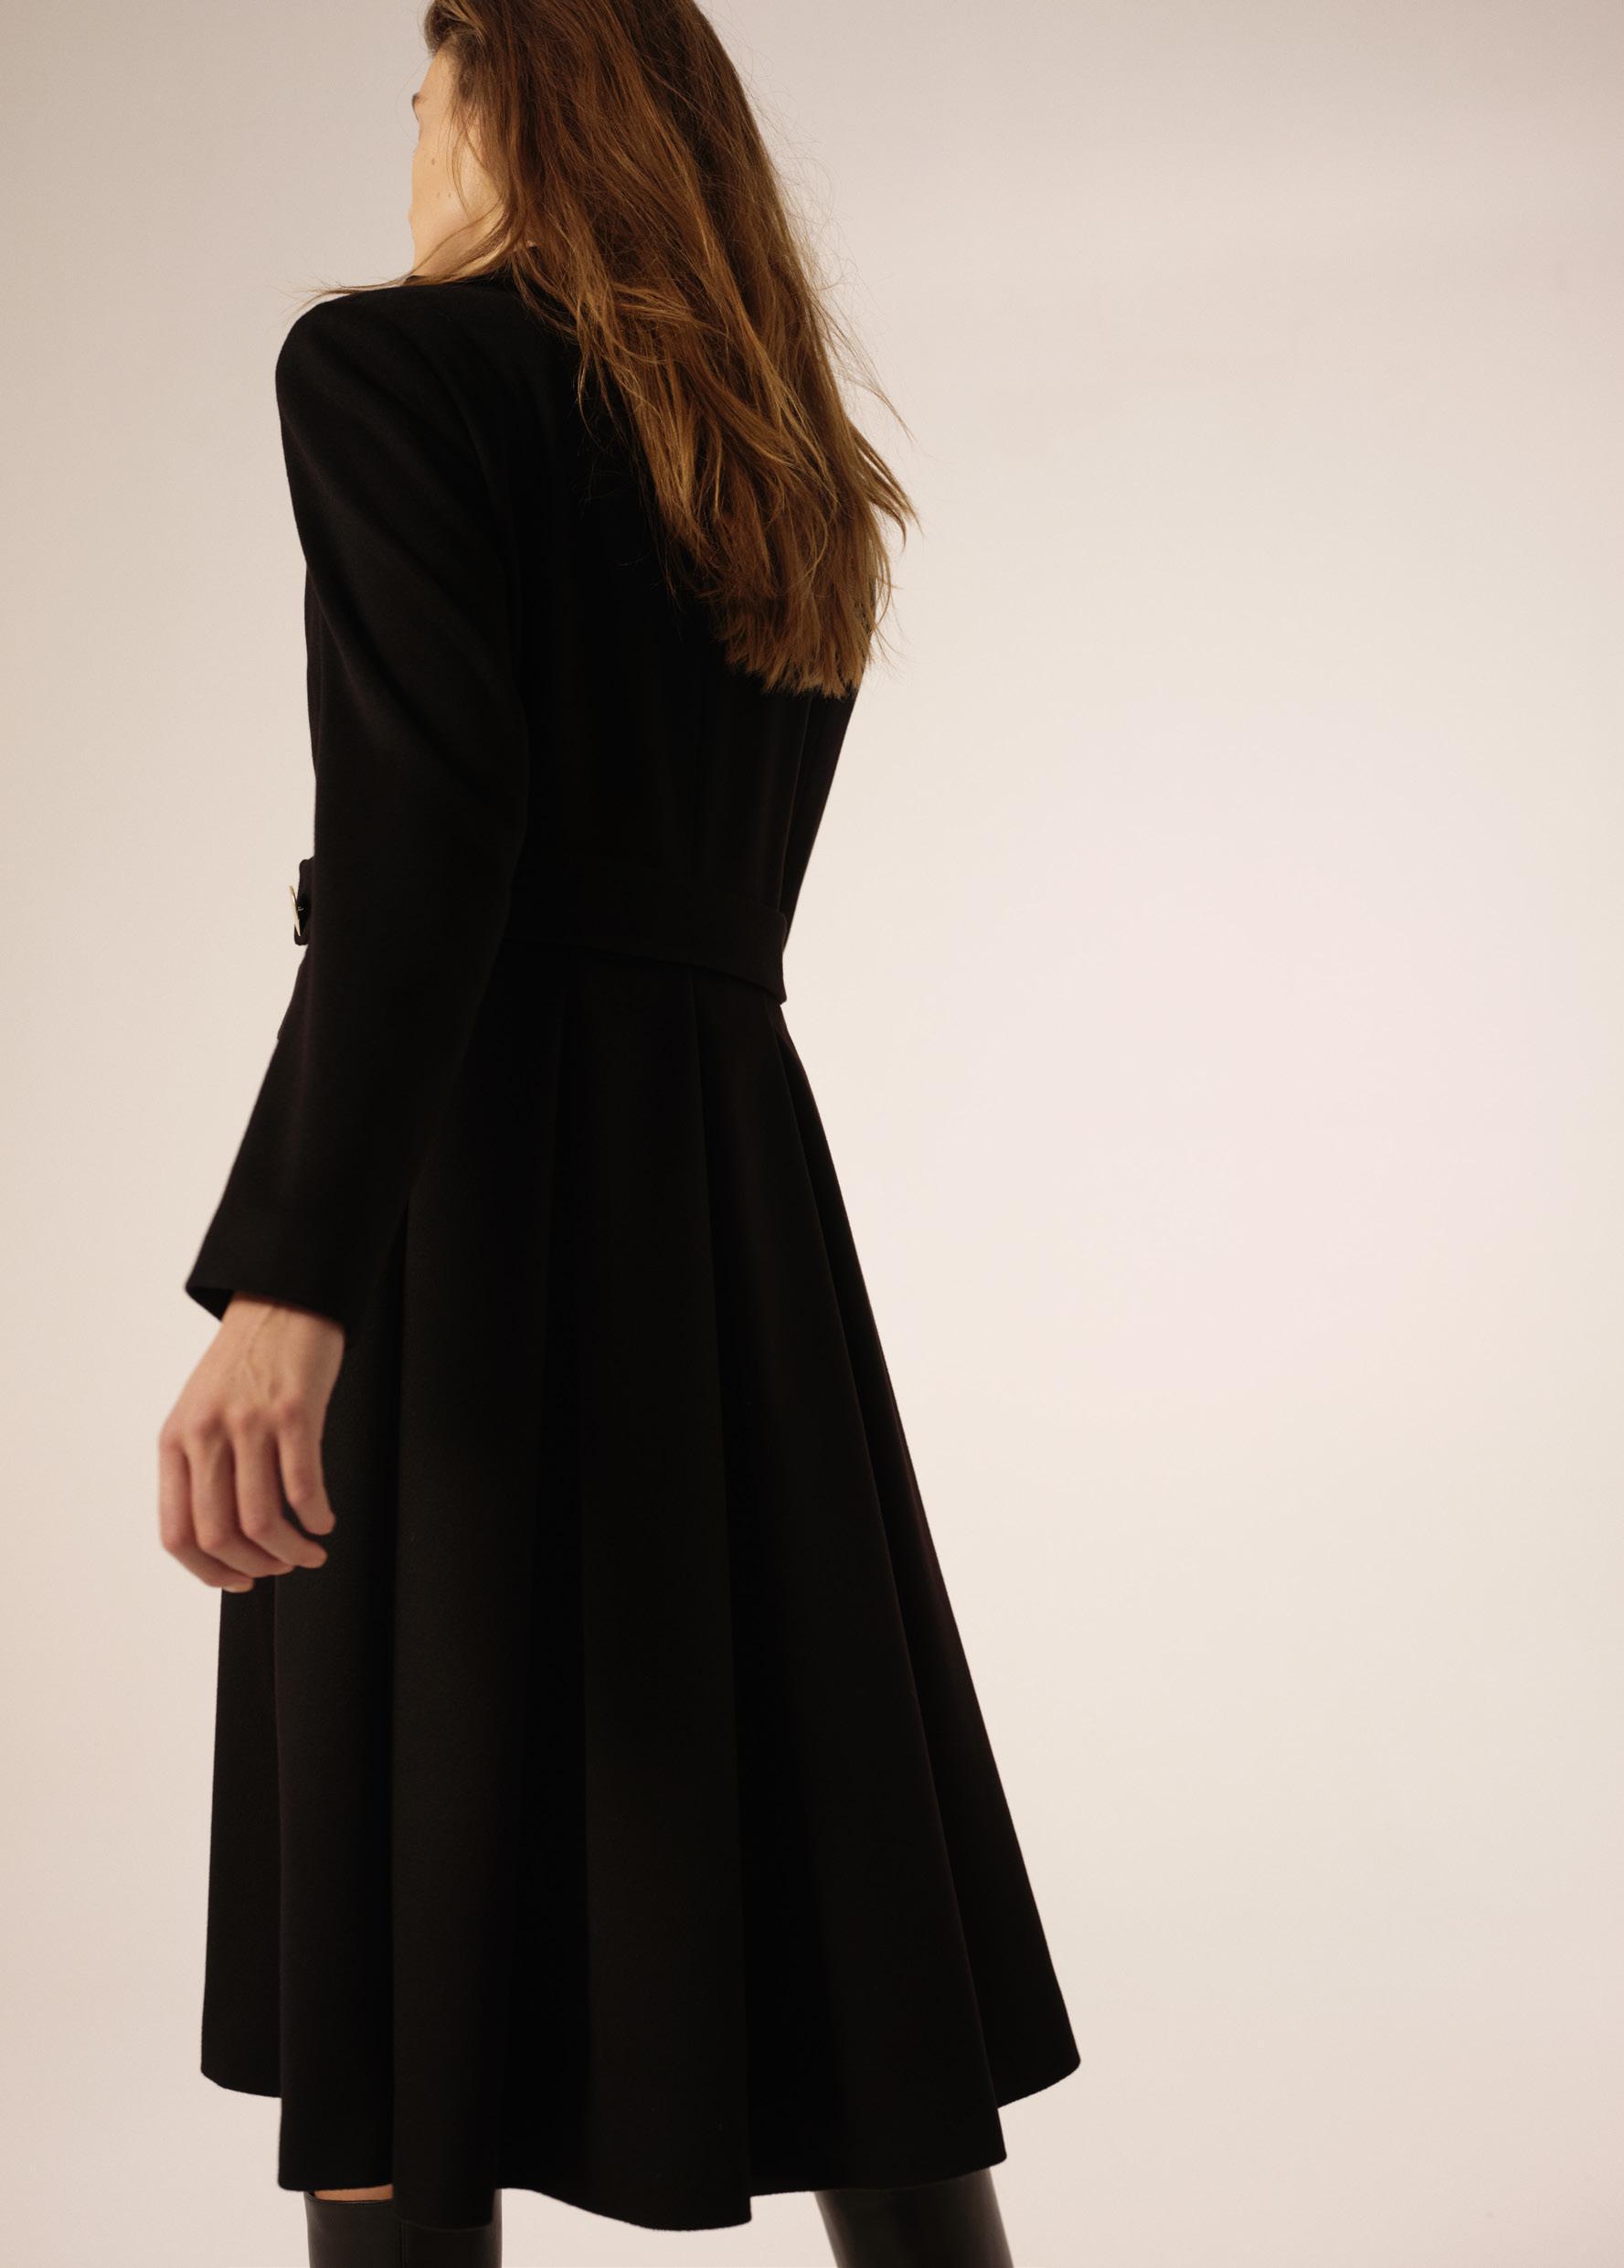 Moda donna autunno inverno 2020